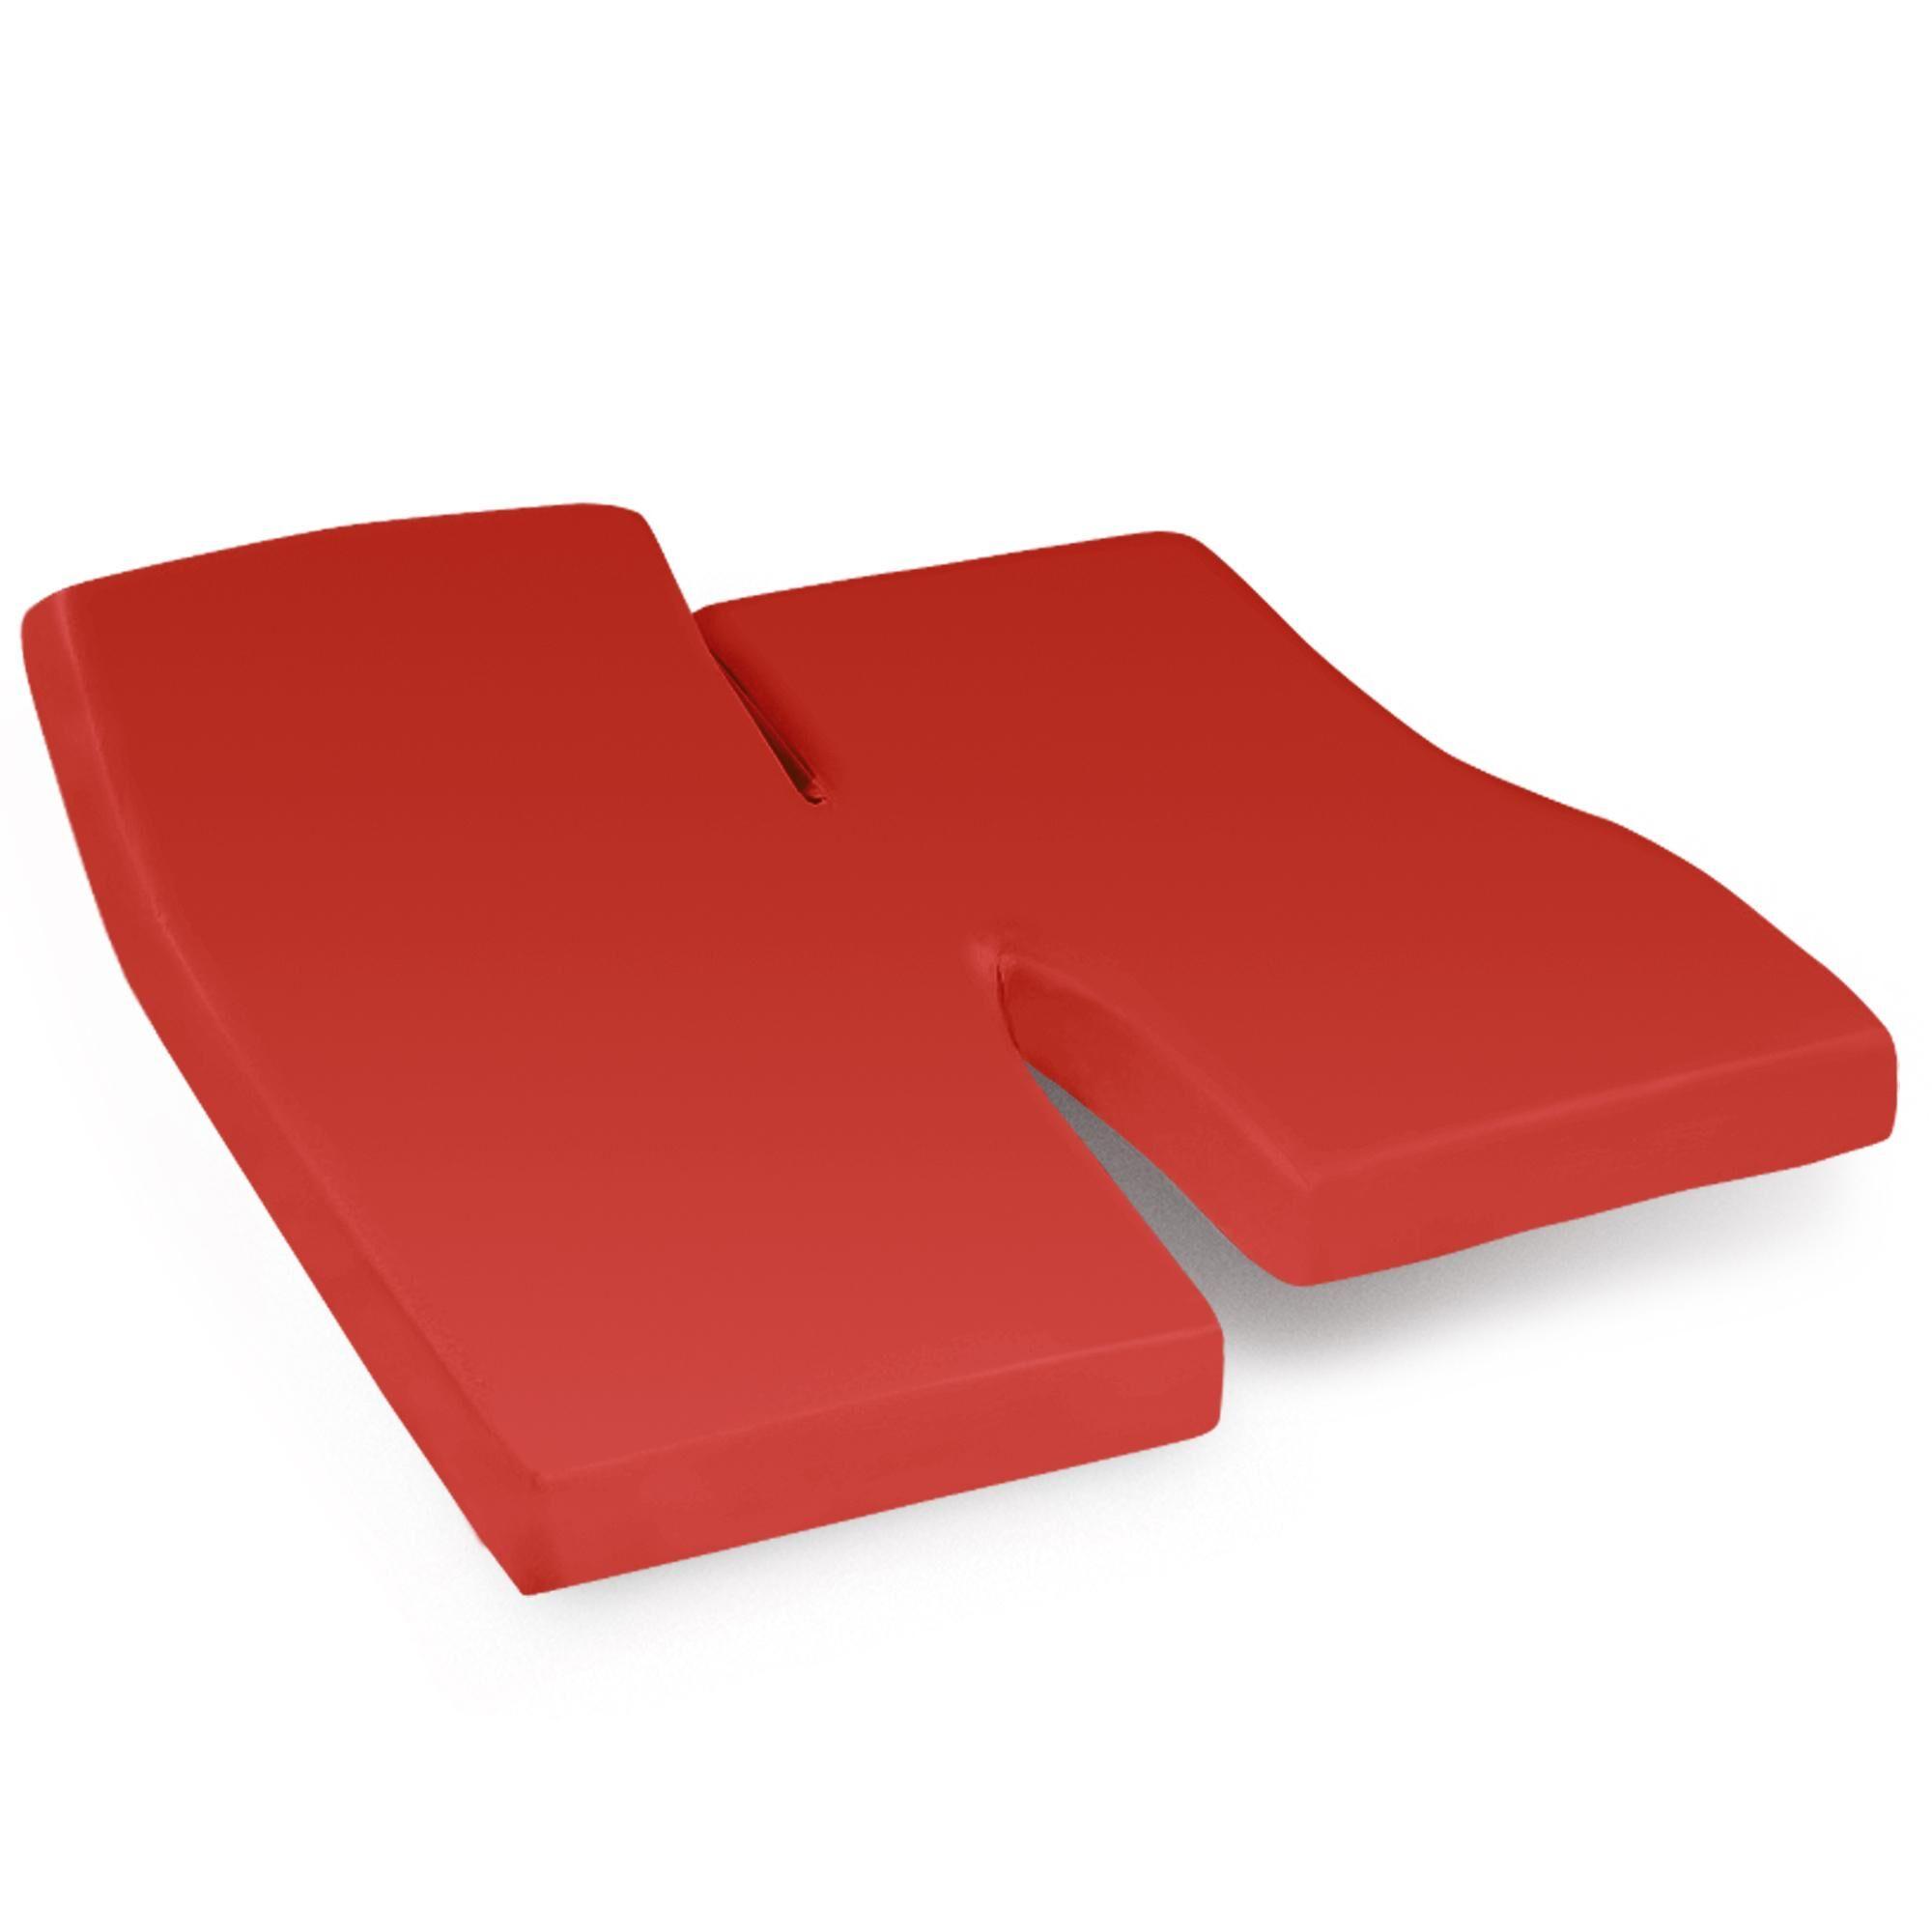 Linnea Drap housse relaxation uni 2x90x190 cm 100% coton ALTO orange Baie de Goji TPR Tête et pied relevable